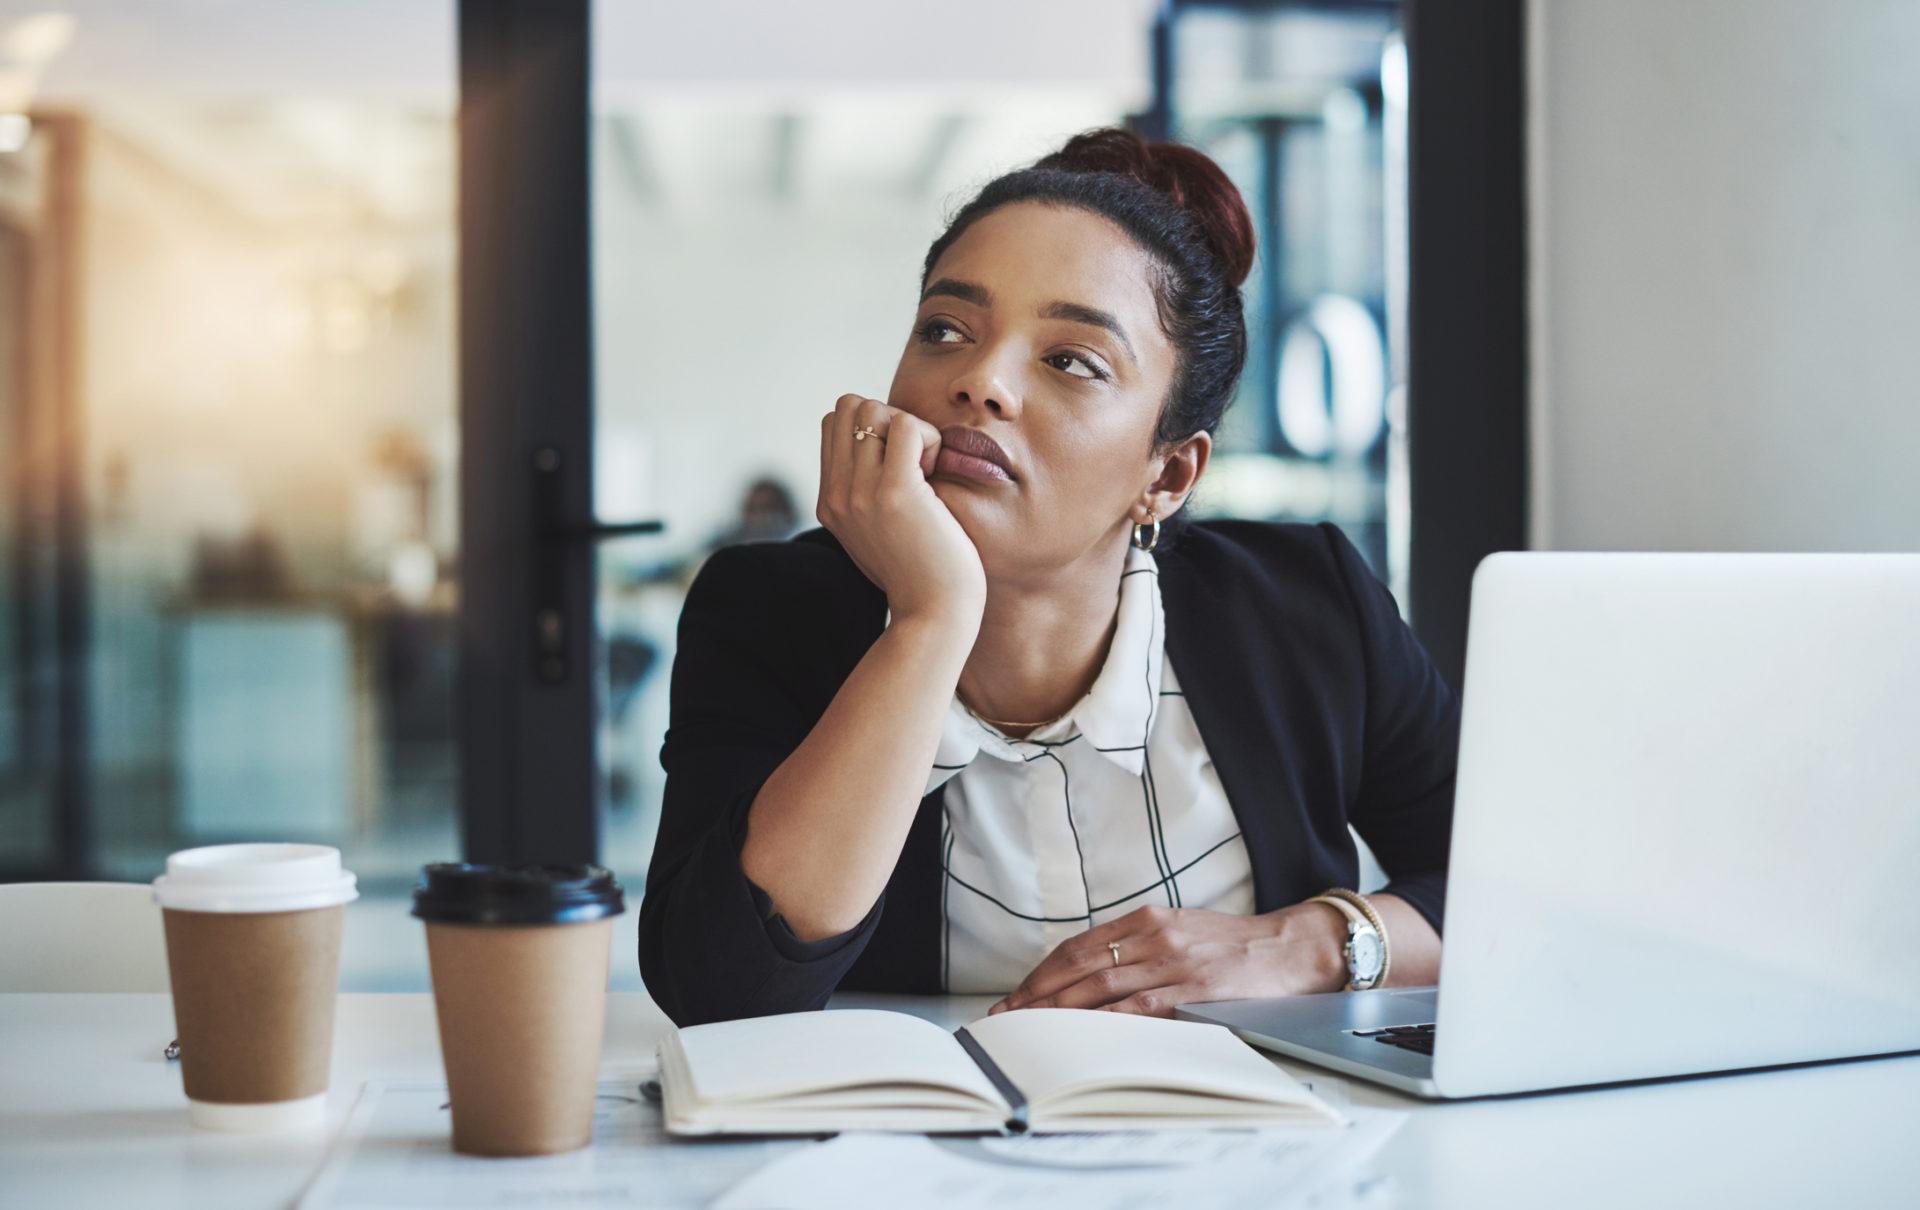 Interne jobrotatie als oplossing voor aantrekkelijke werkplek